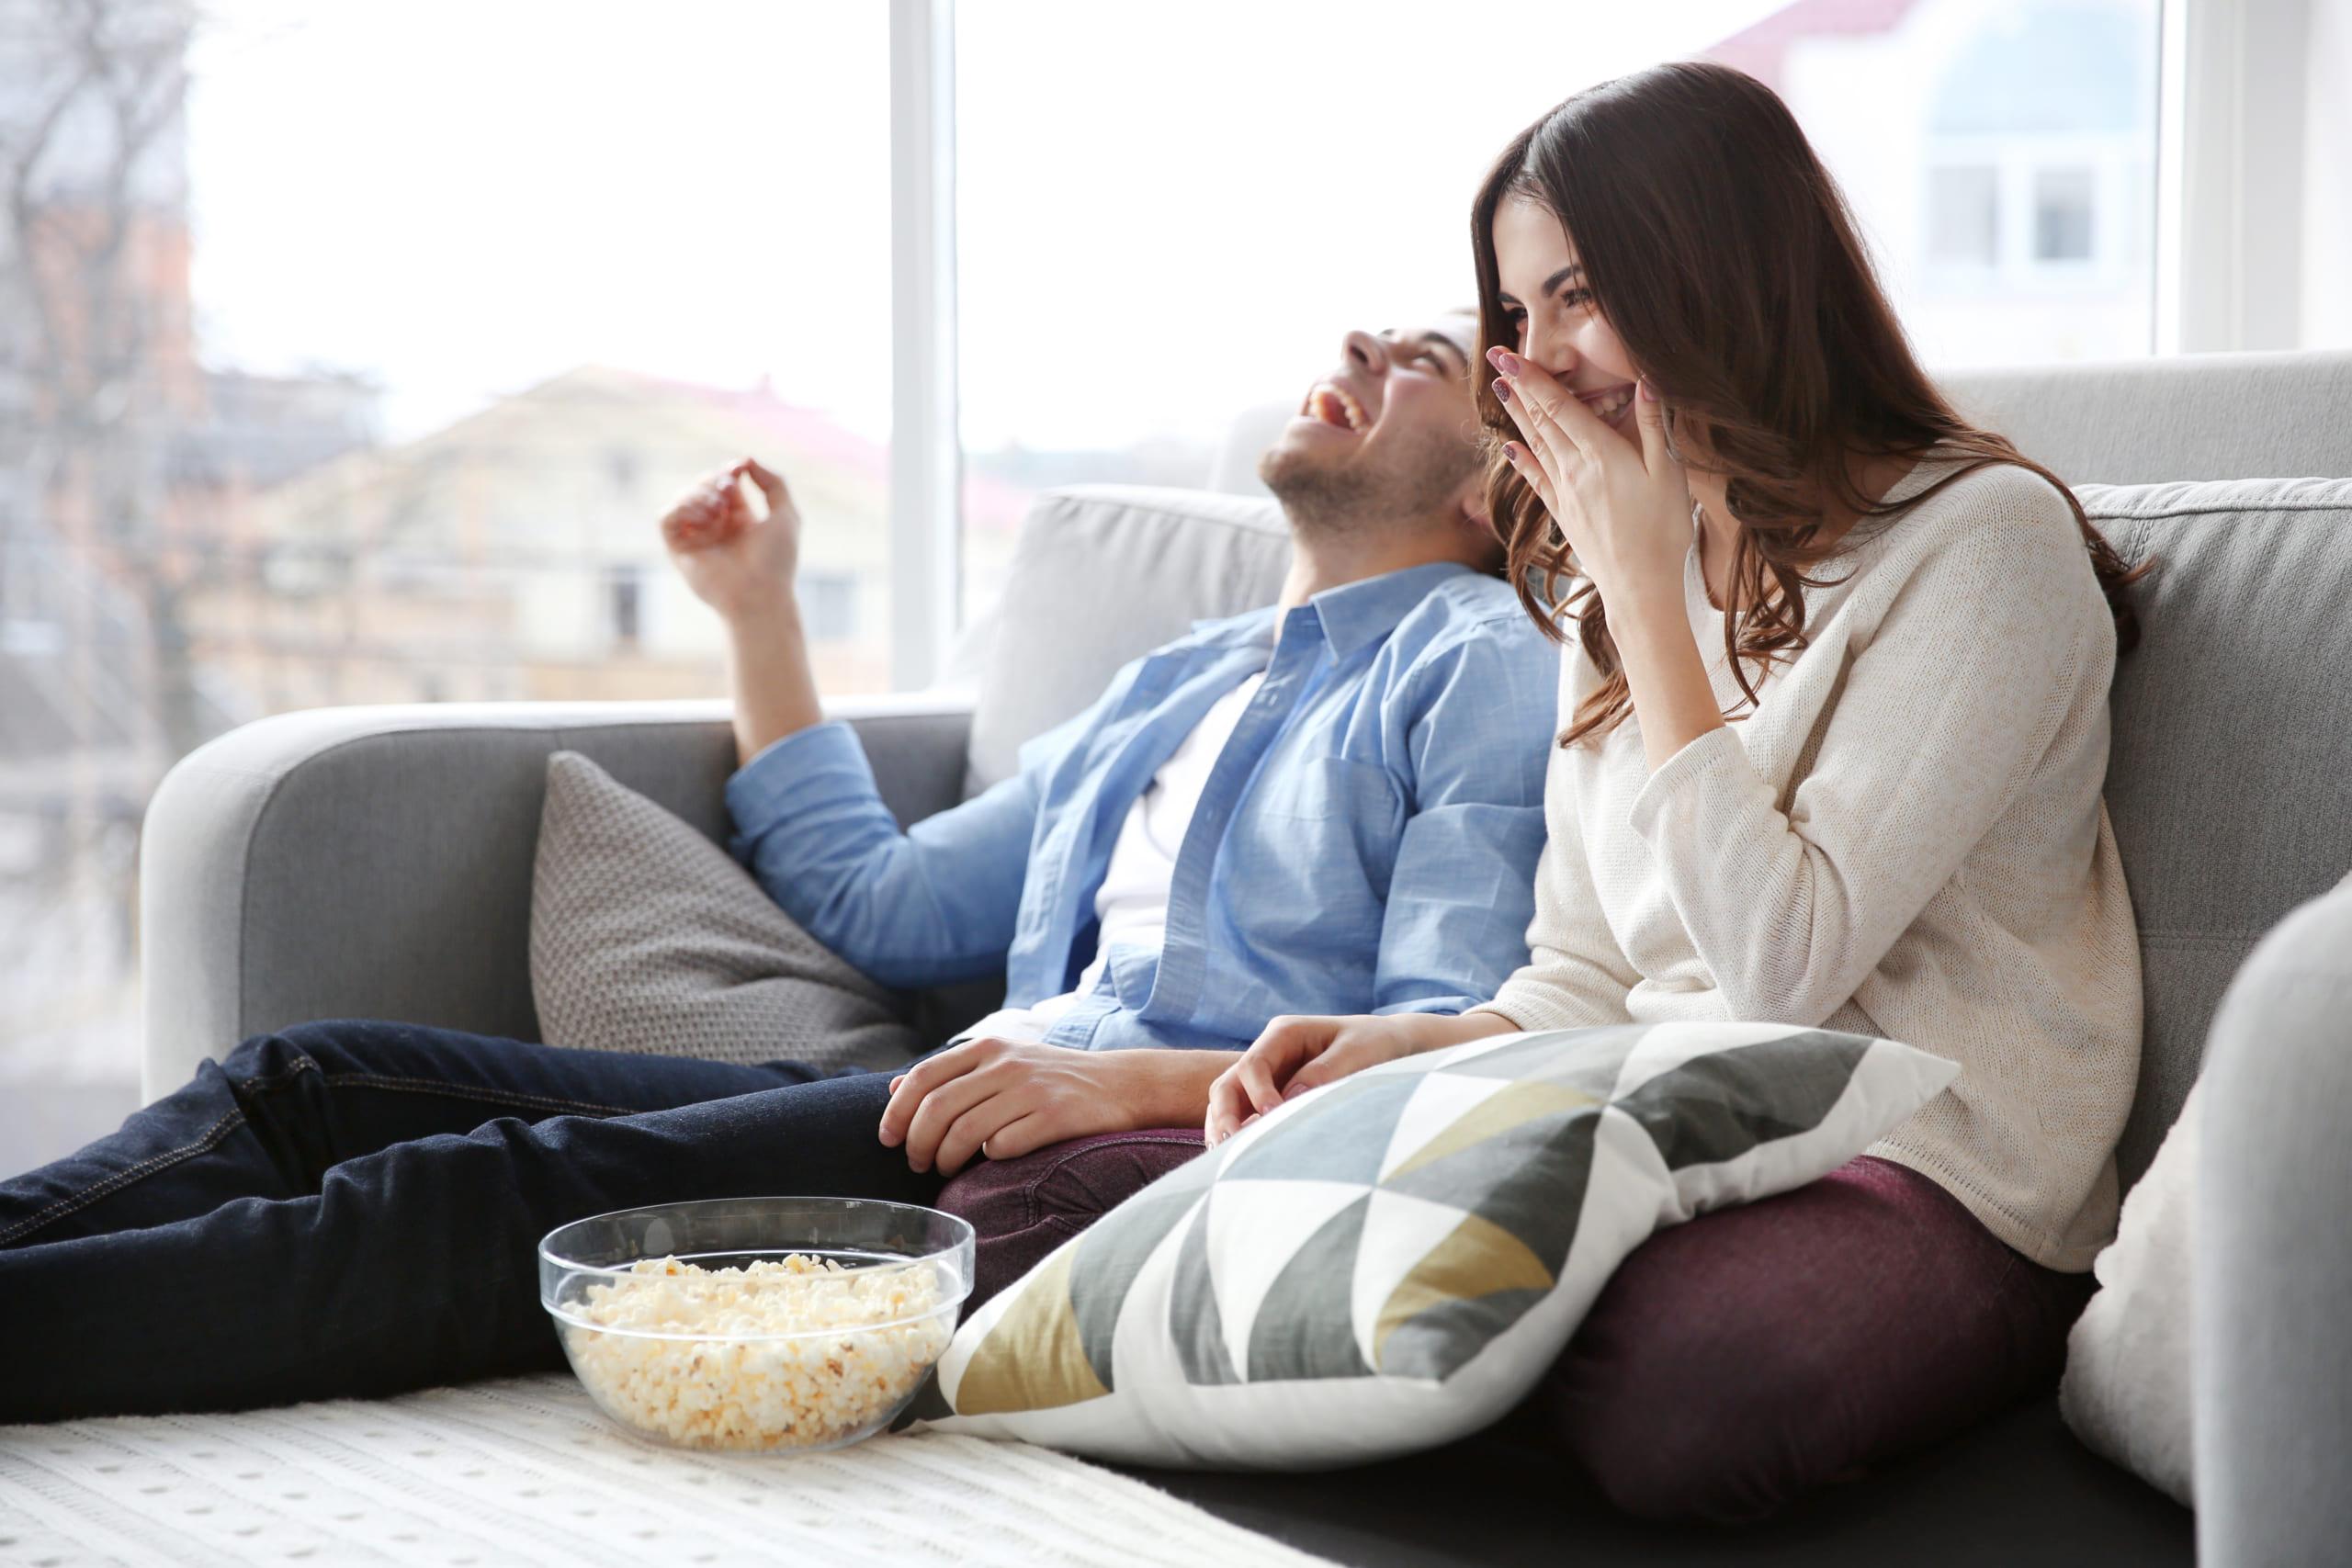 【2021年】おすすめの動画配信(VOD)サービス7選を比較|お試し無料のコンテンツ多数